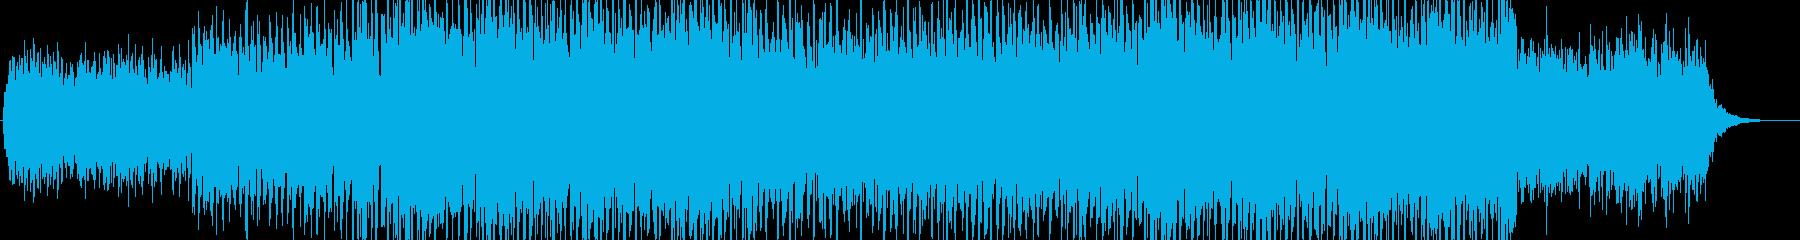 おしゃれで心踊るスタイリッシュBGMの再生済みの波形